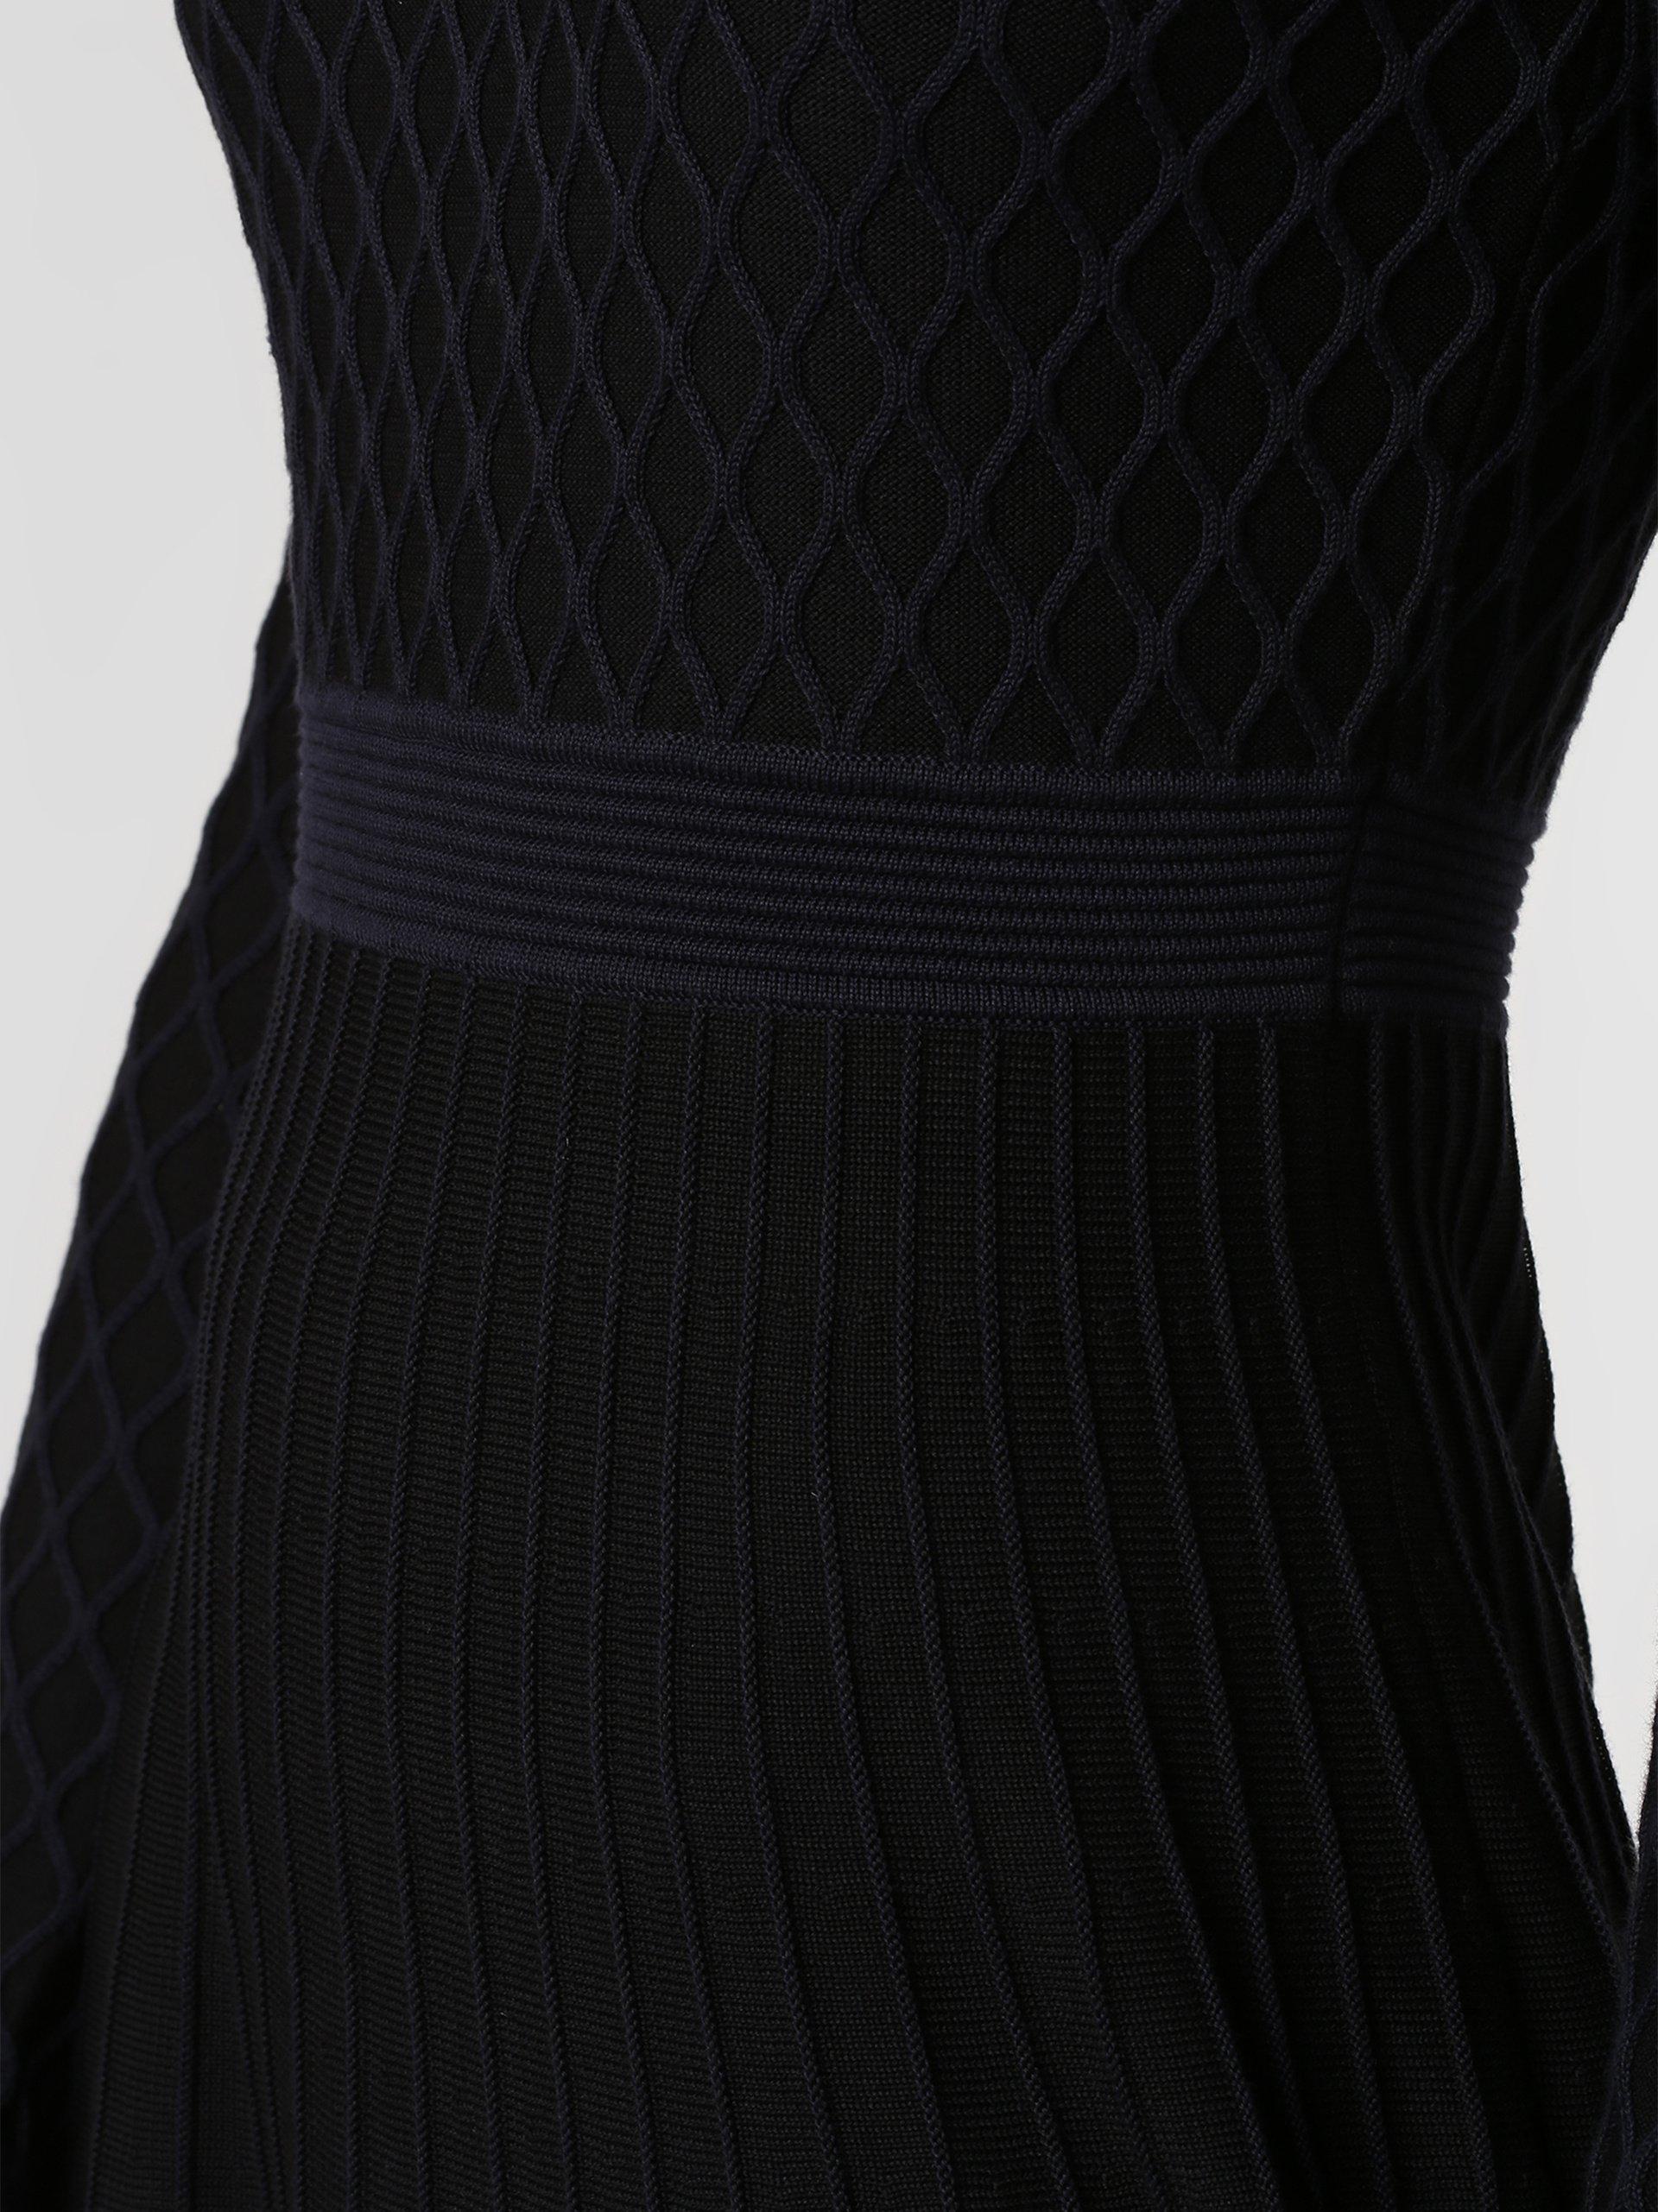 BOSS Casual Damen Kleid mit Seiden-Anteil - Wedressy